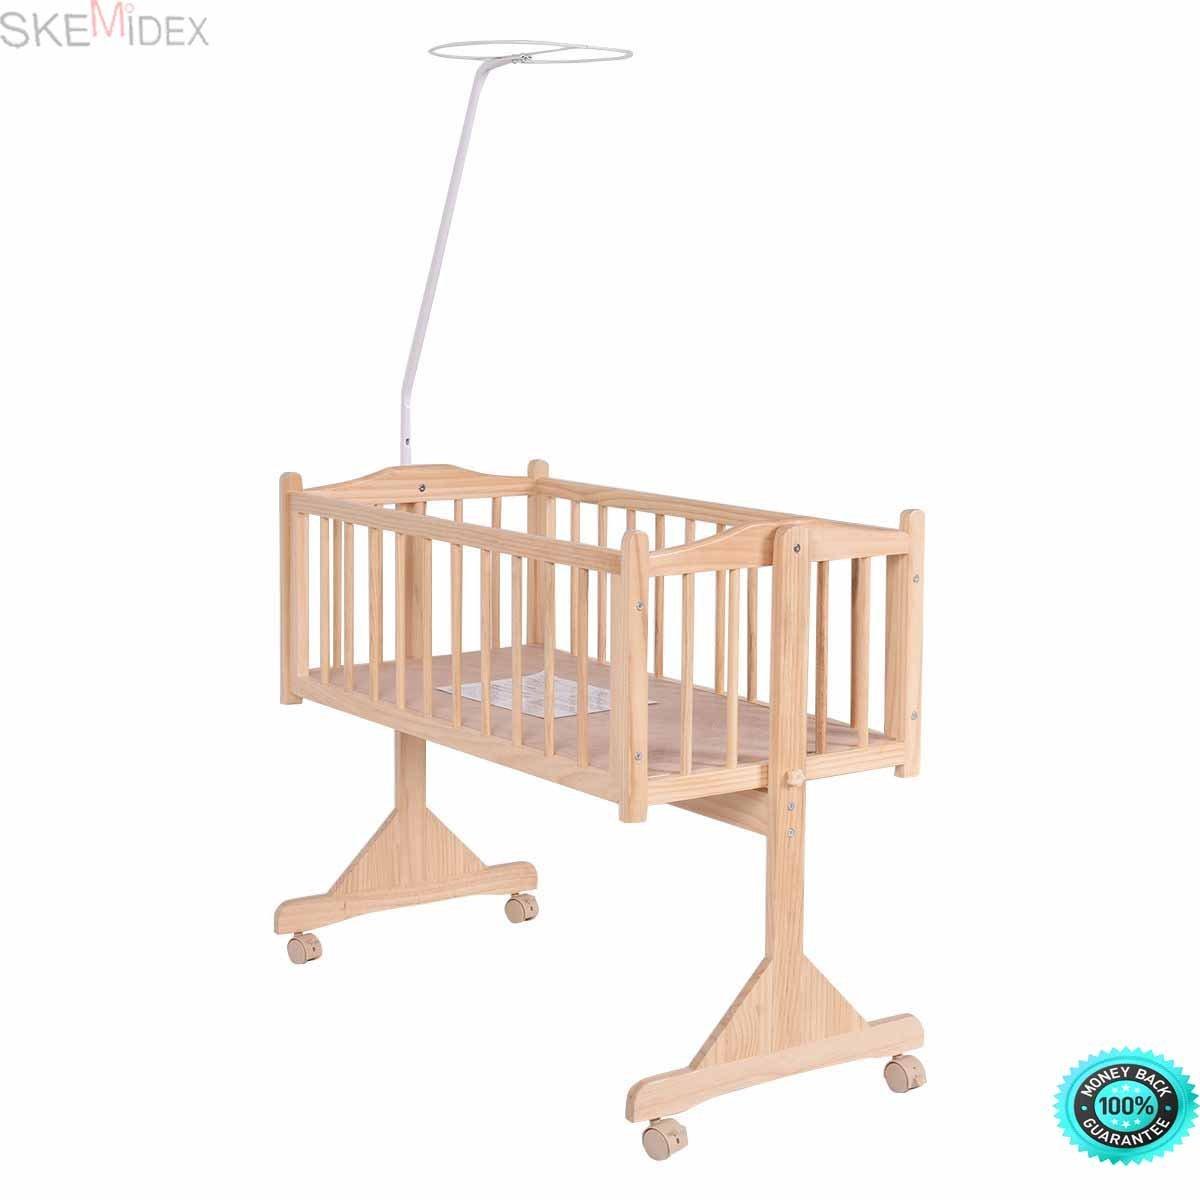 Cheap Wooden Cradle Glider Crib Find Wooden Cradle Glider Crib